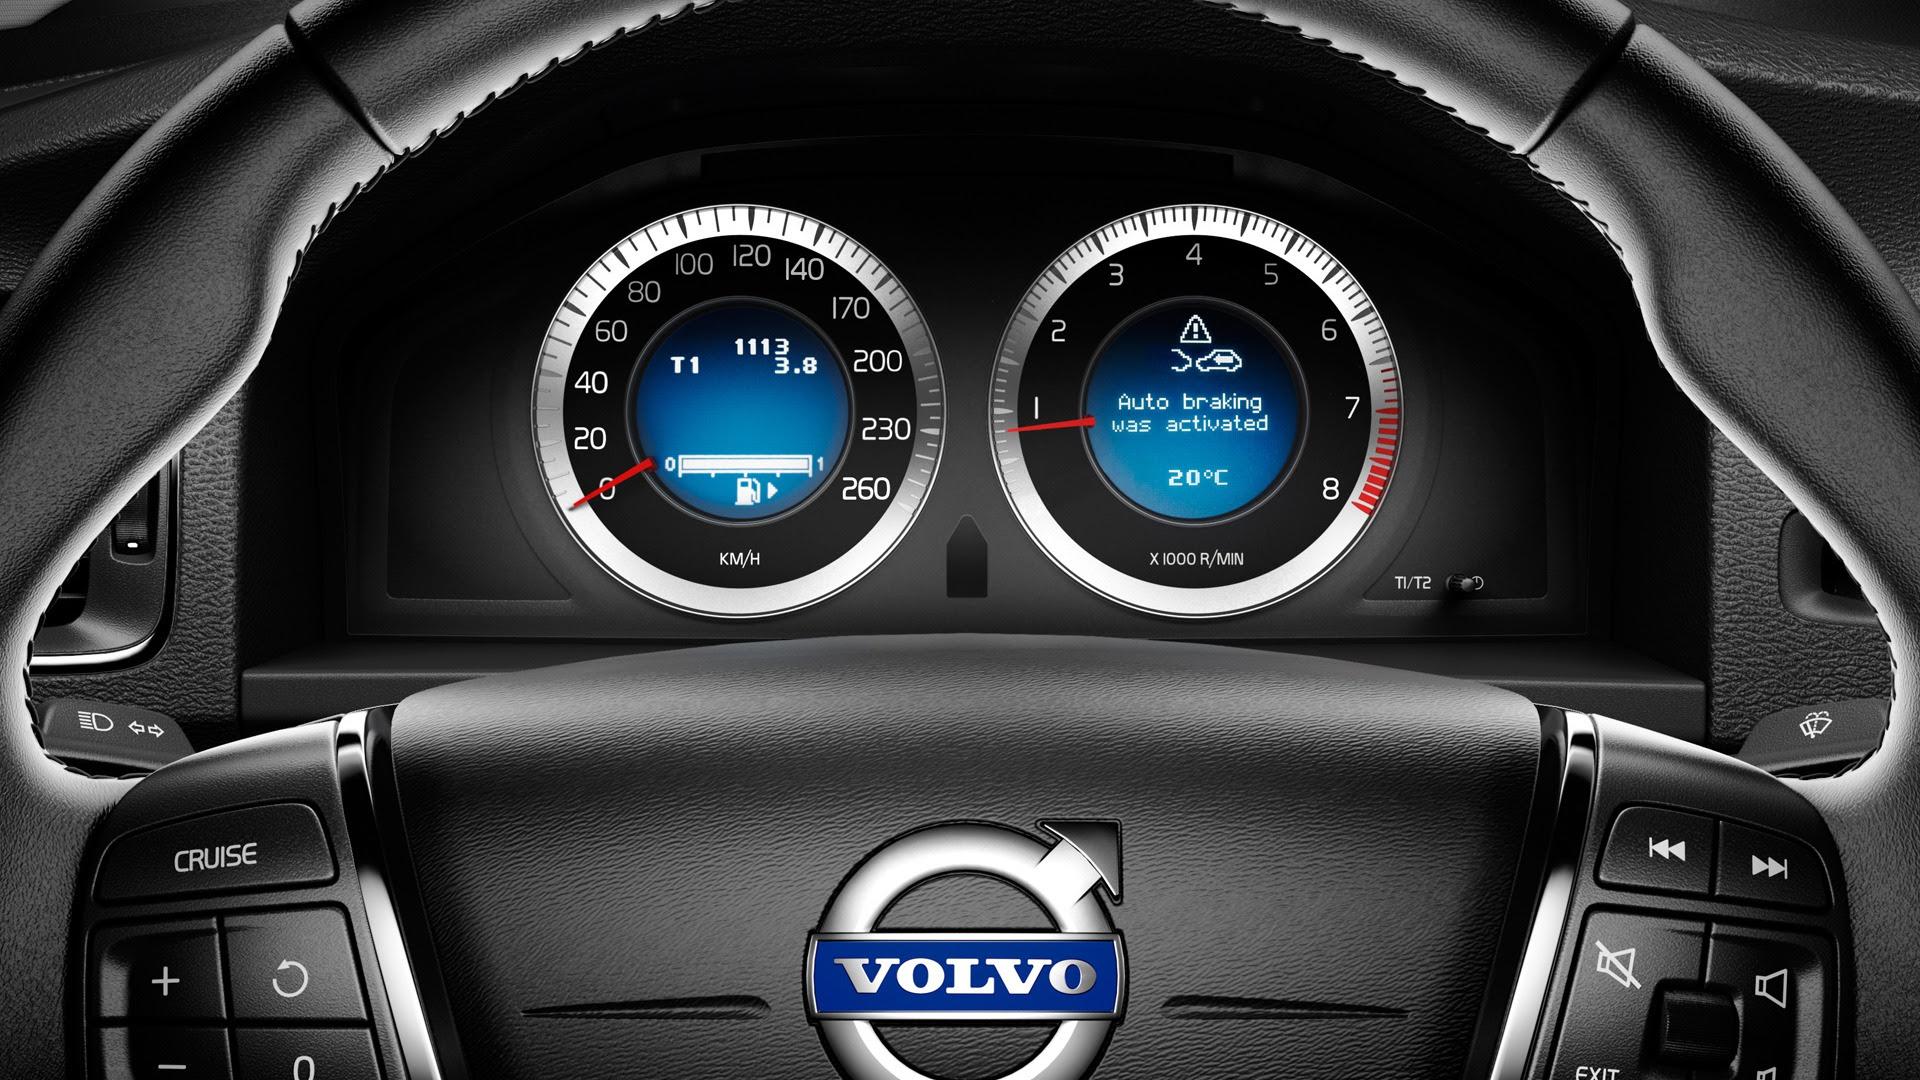 Volvo V60  2010 HD Wallpaper 18  1920x1080 Wallpaper herunterladen  Volvo V60  2010 HD